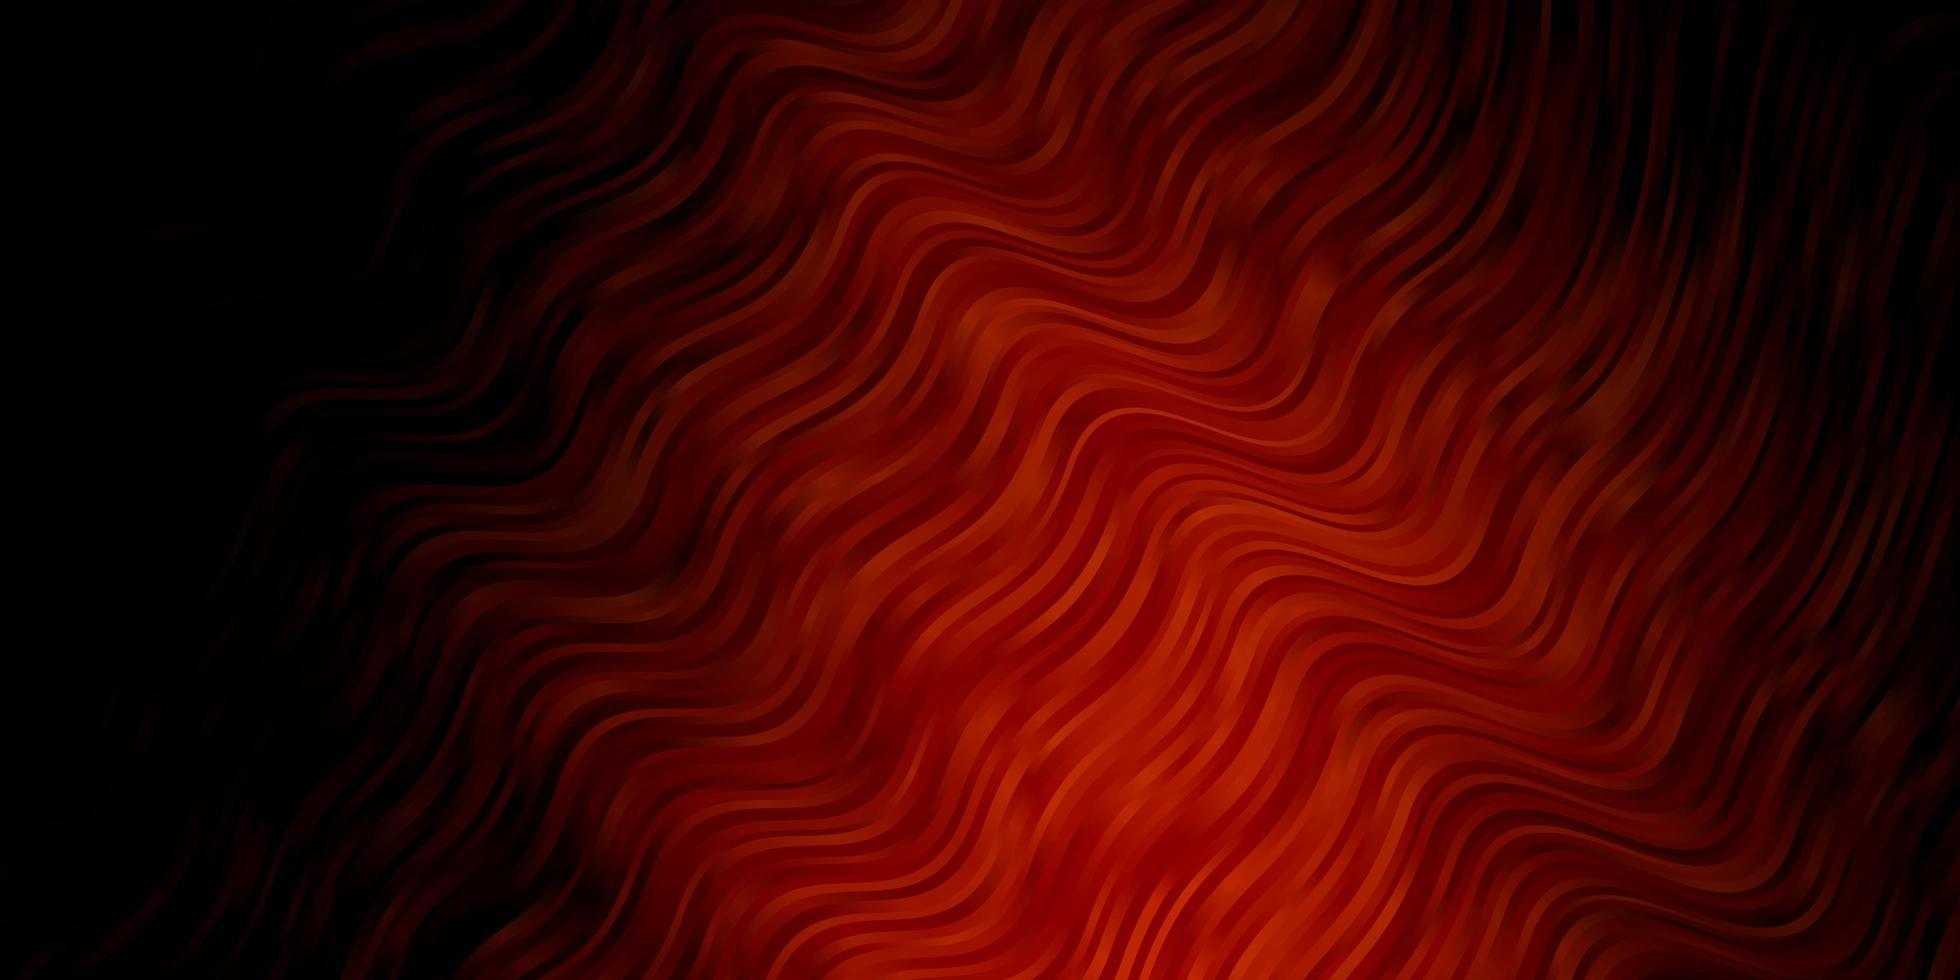 disposition de vecteur rouge foncé avec des courbes.